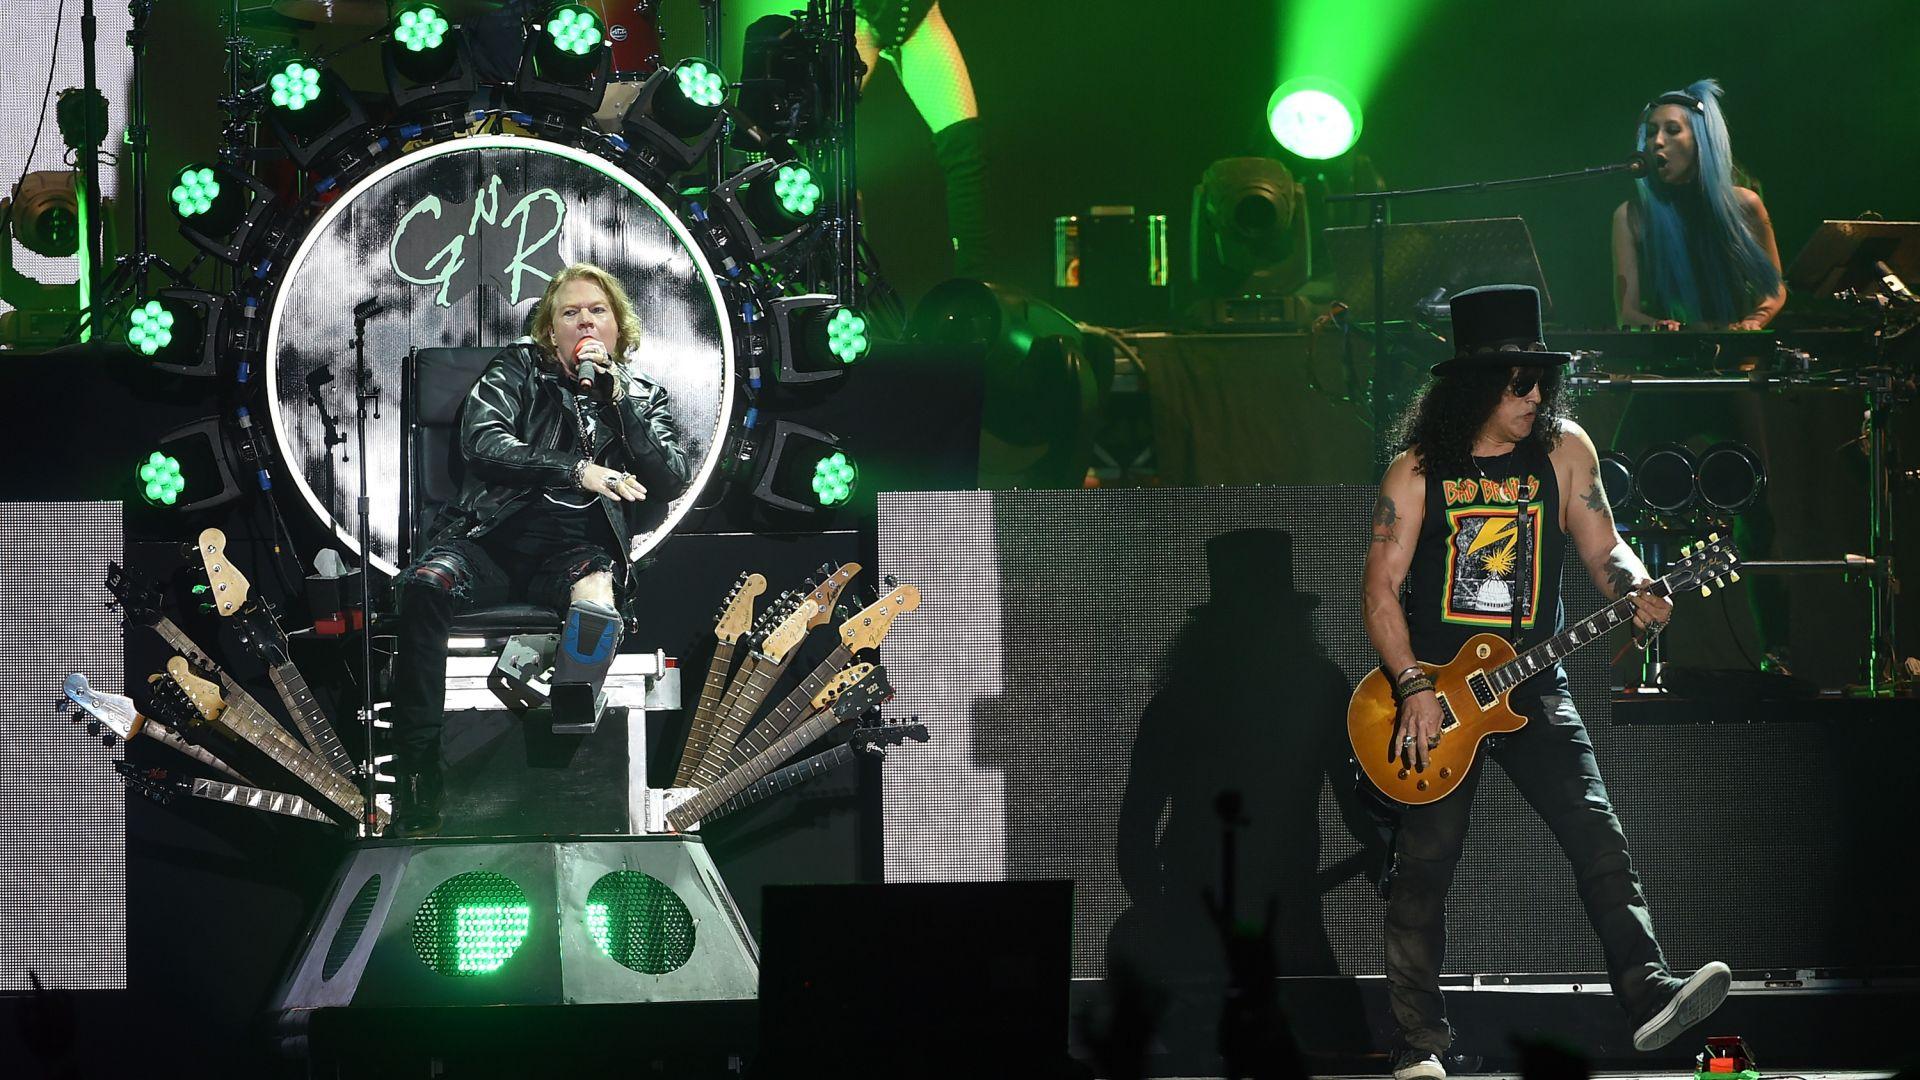 Турнето на Guns N' Roses е донесло над 500 милиона долара